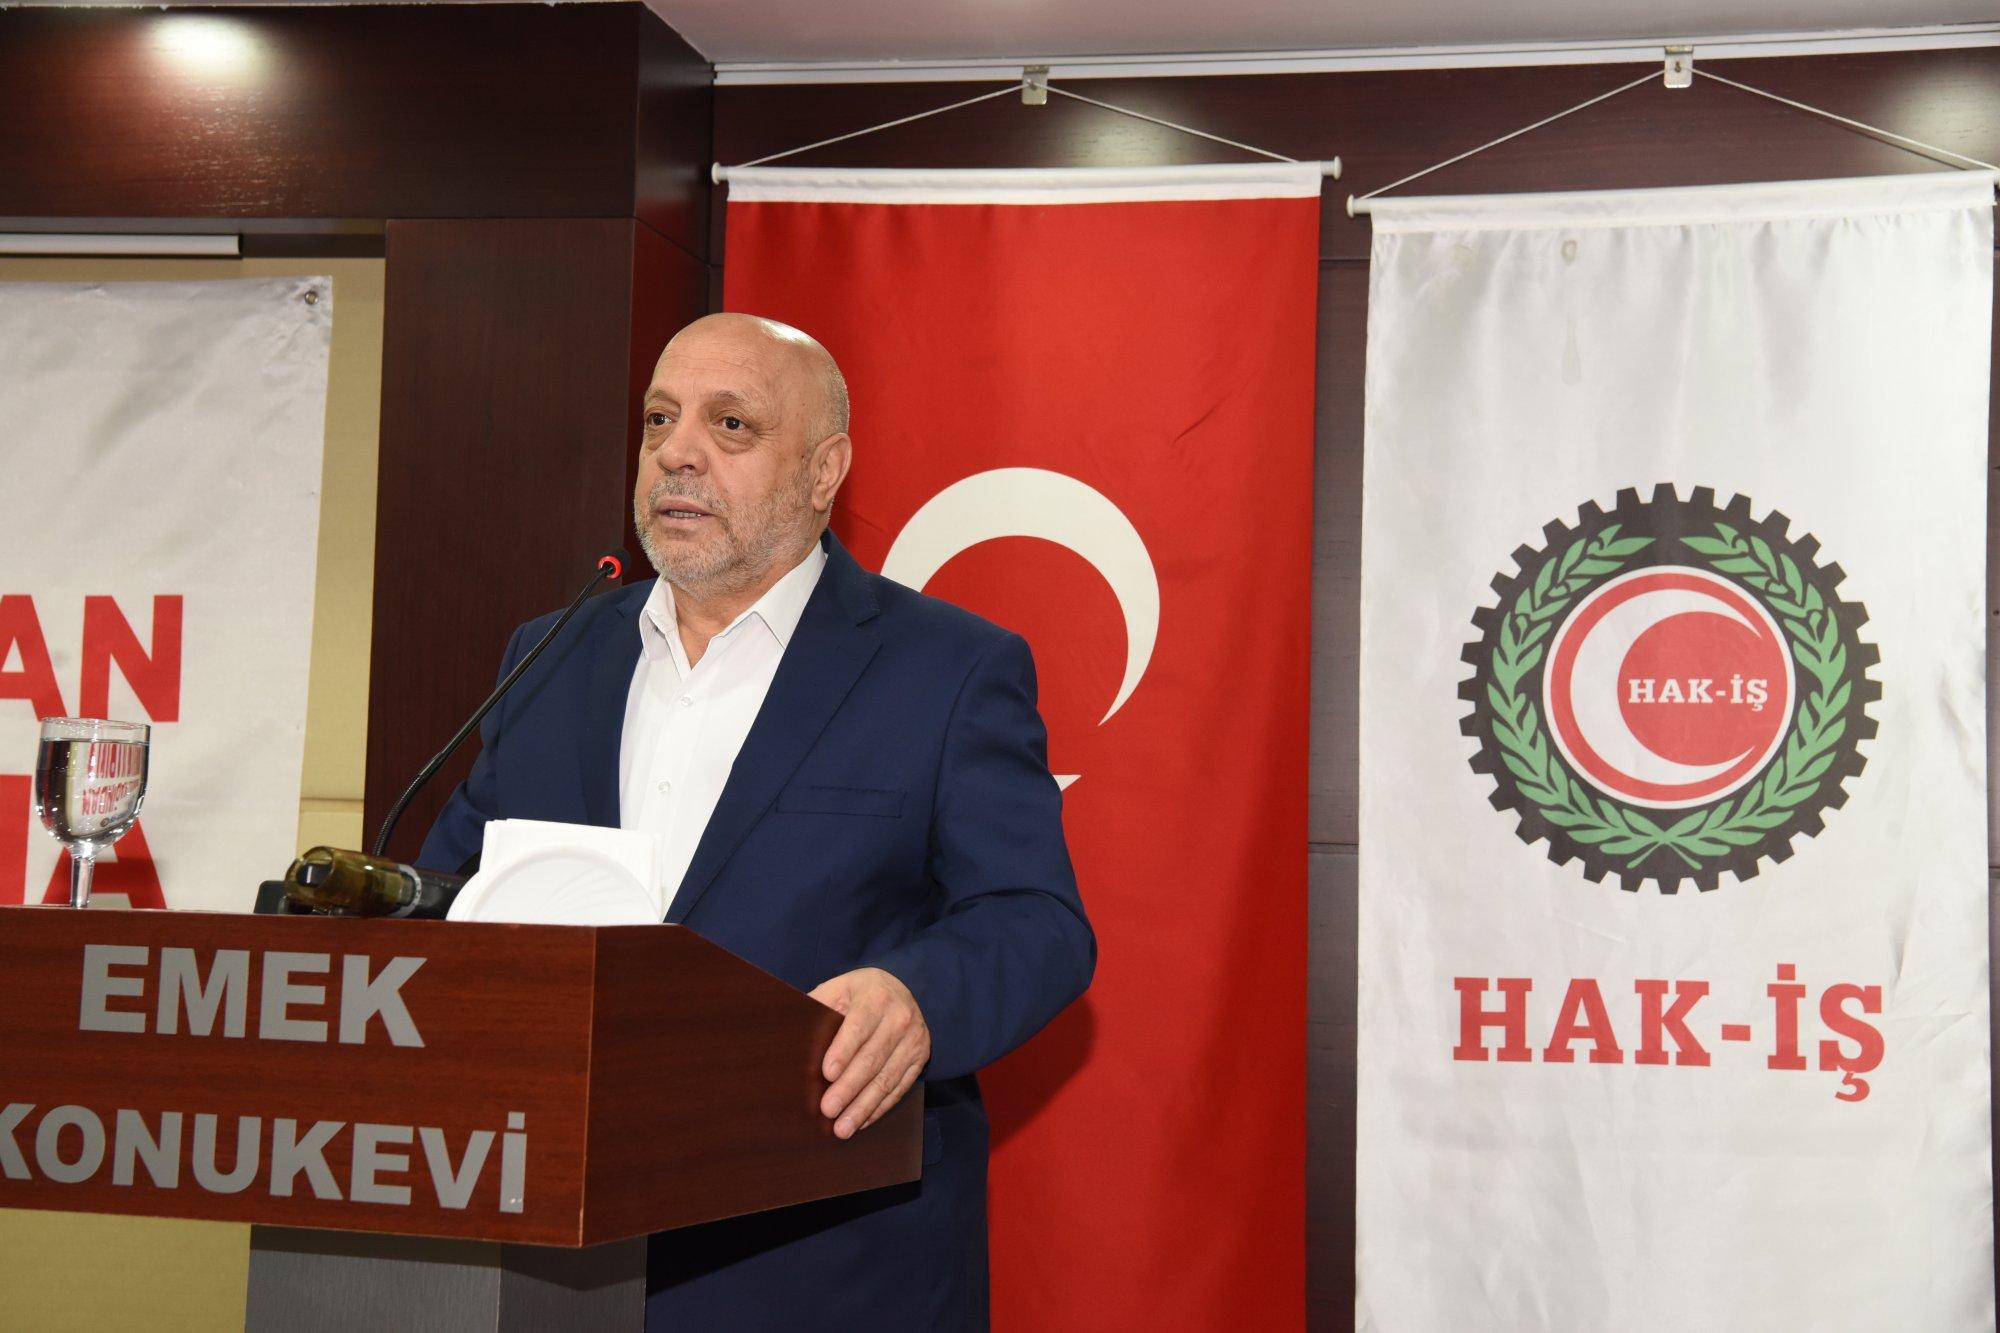 ARSLAN, HİZMET-İŞ SENDİKASI KADIN EMEĞİ BULUŞMASI'NA KATILDI